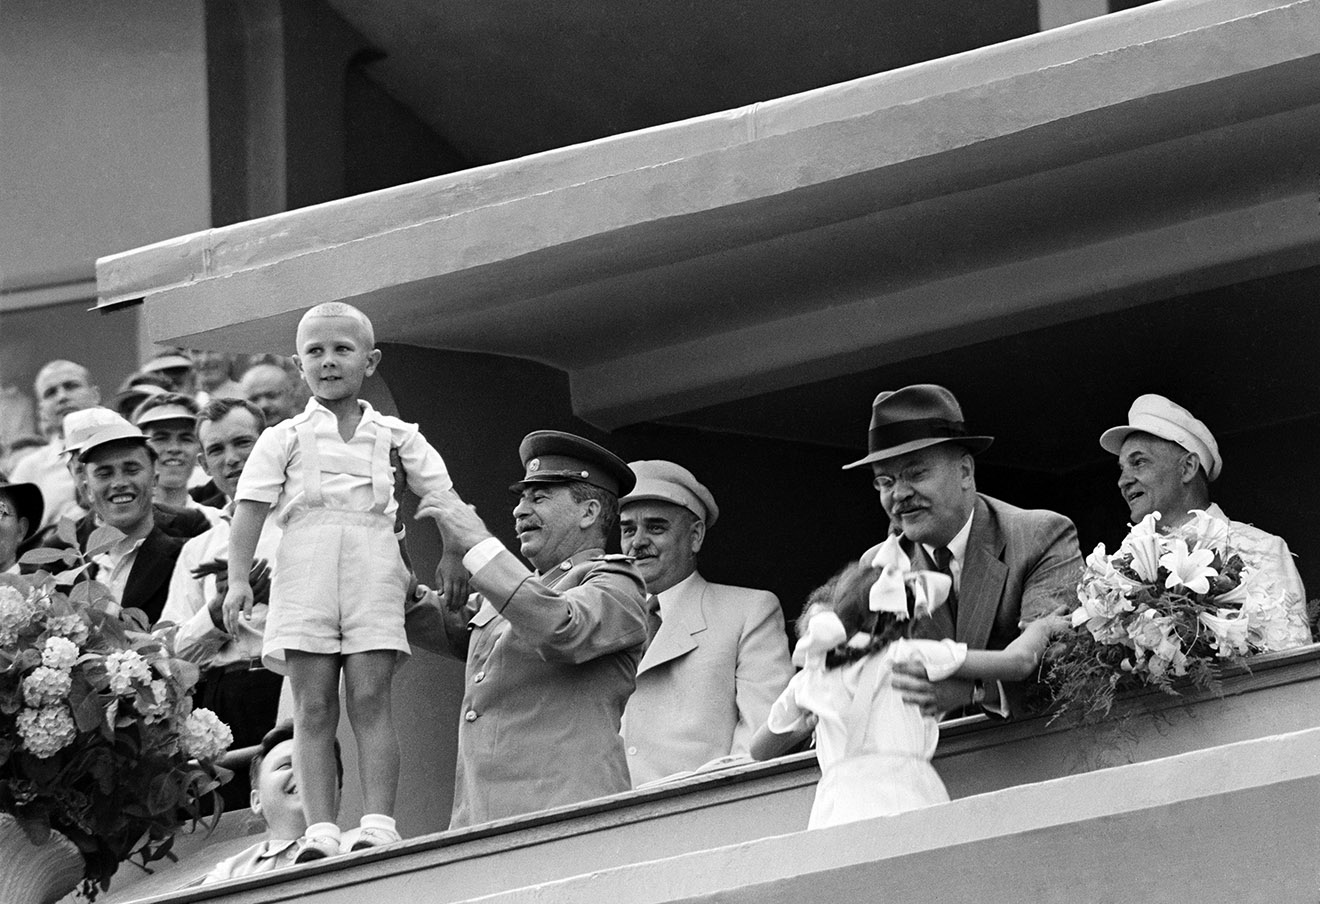 Иосиф Сталин и Вячеслав Молотов на трибуне с детьми. Фотохроника ТАСС